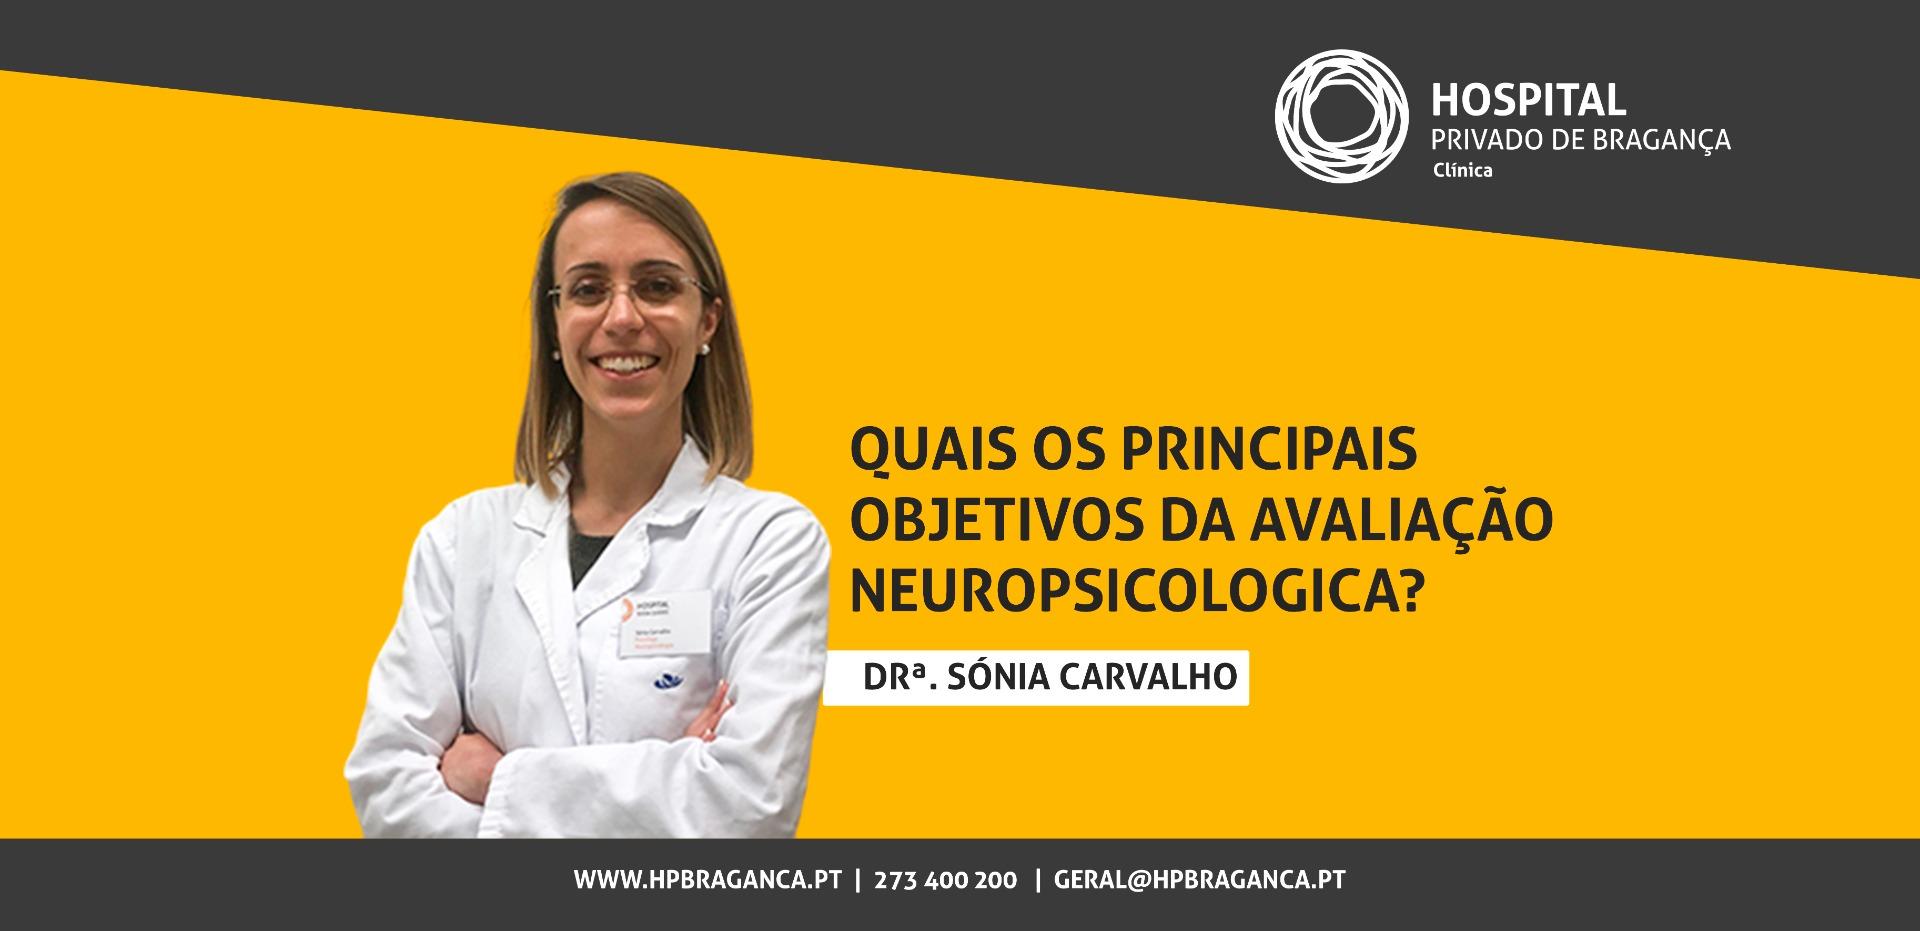 Dra. Sónia Carvalho: Avaliação Neuropsicológica e os seus objetivos